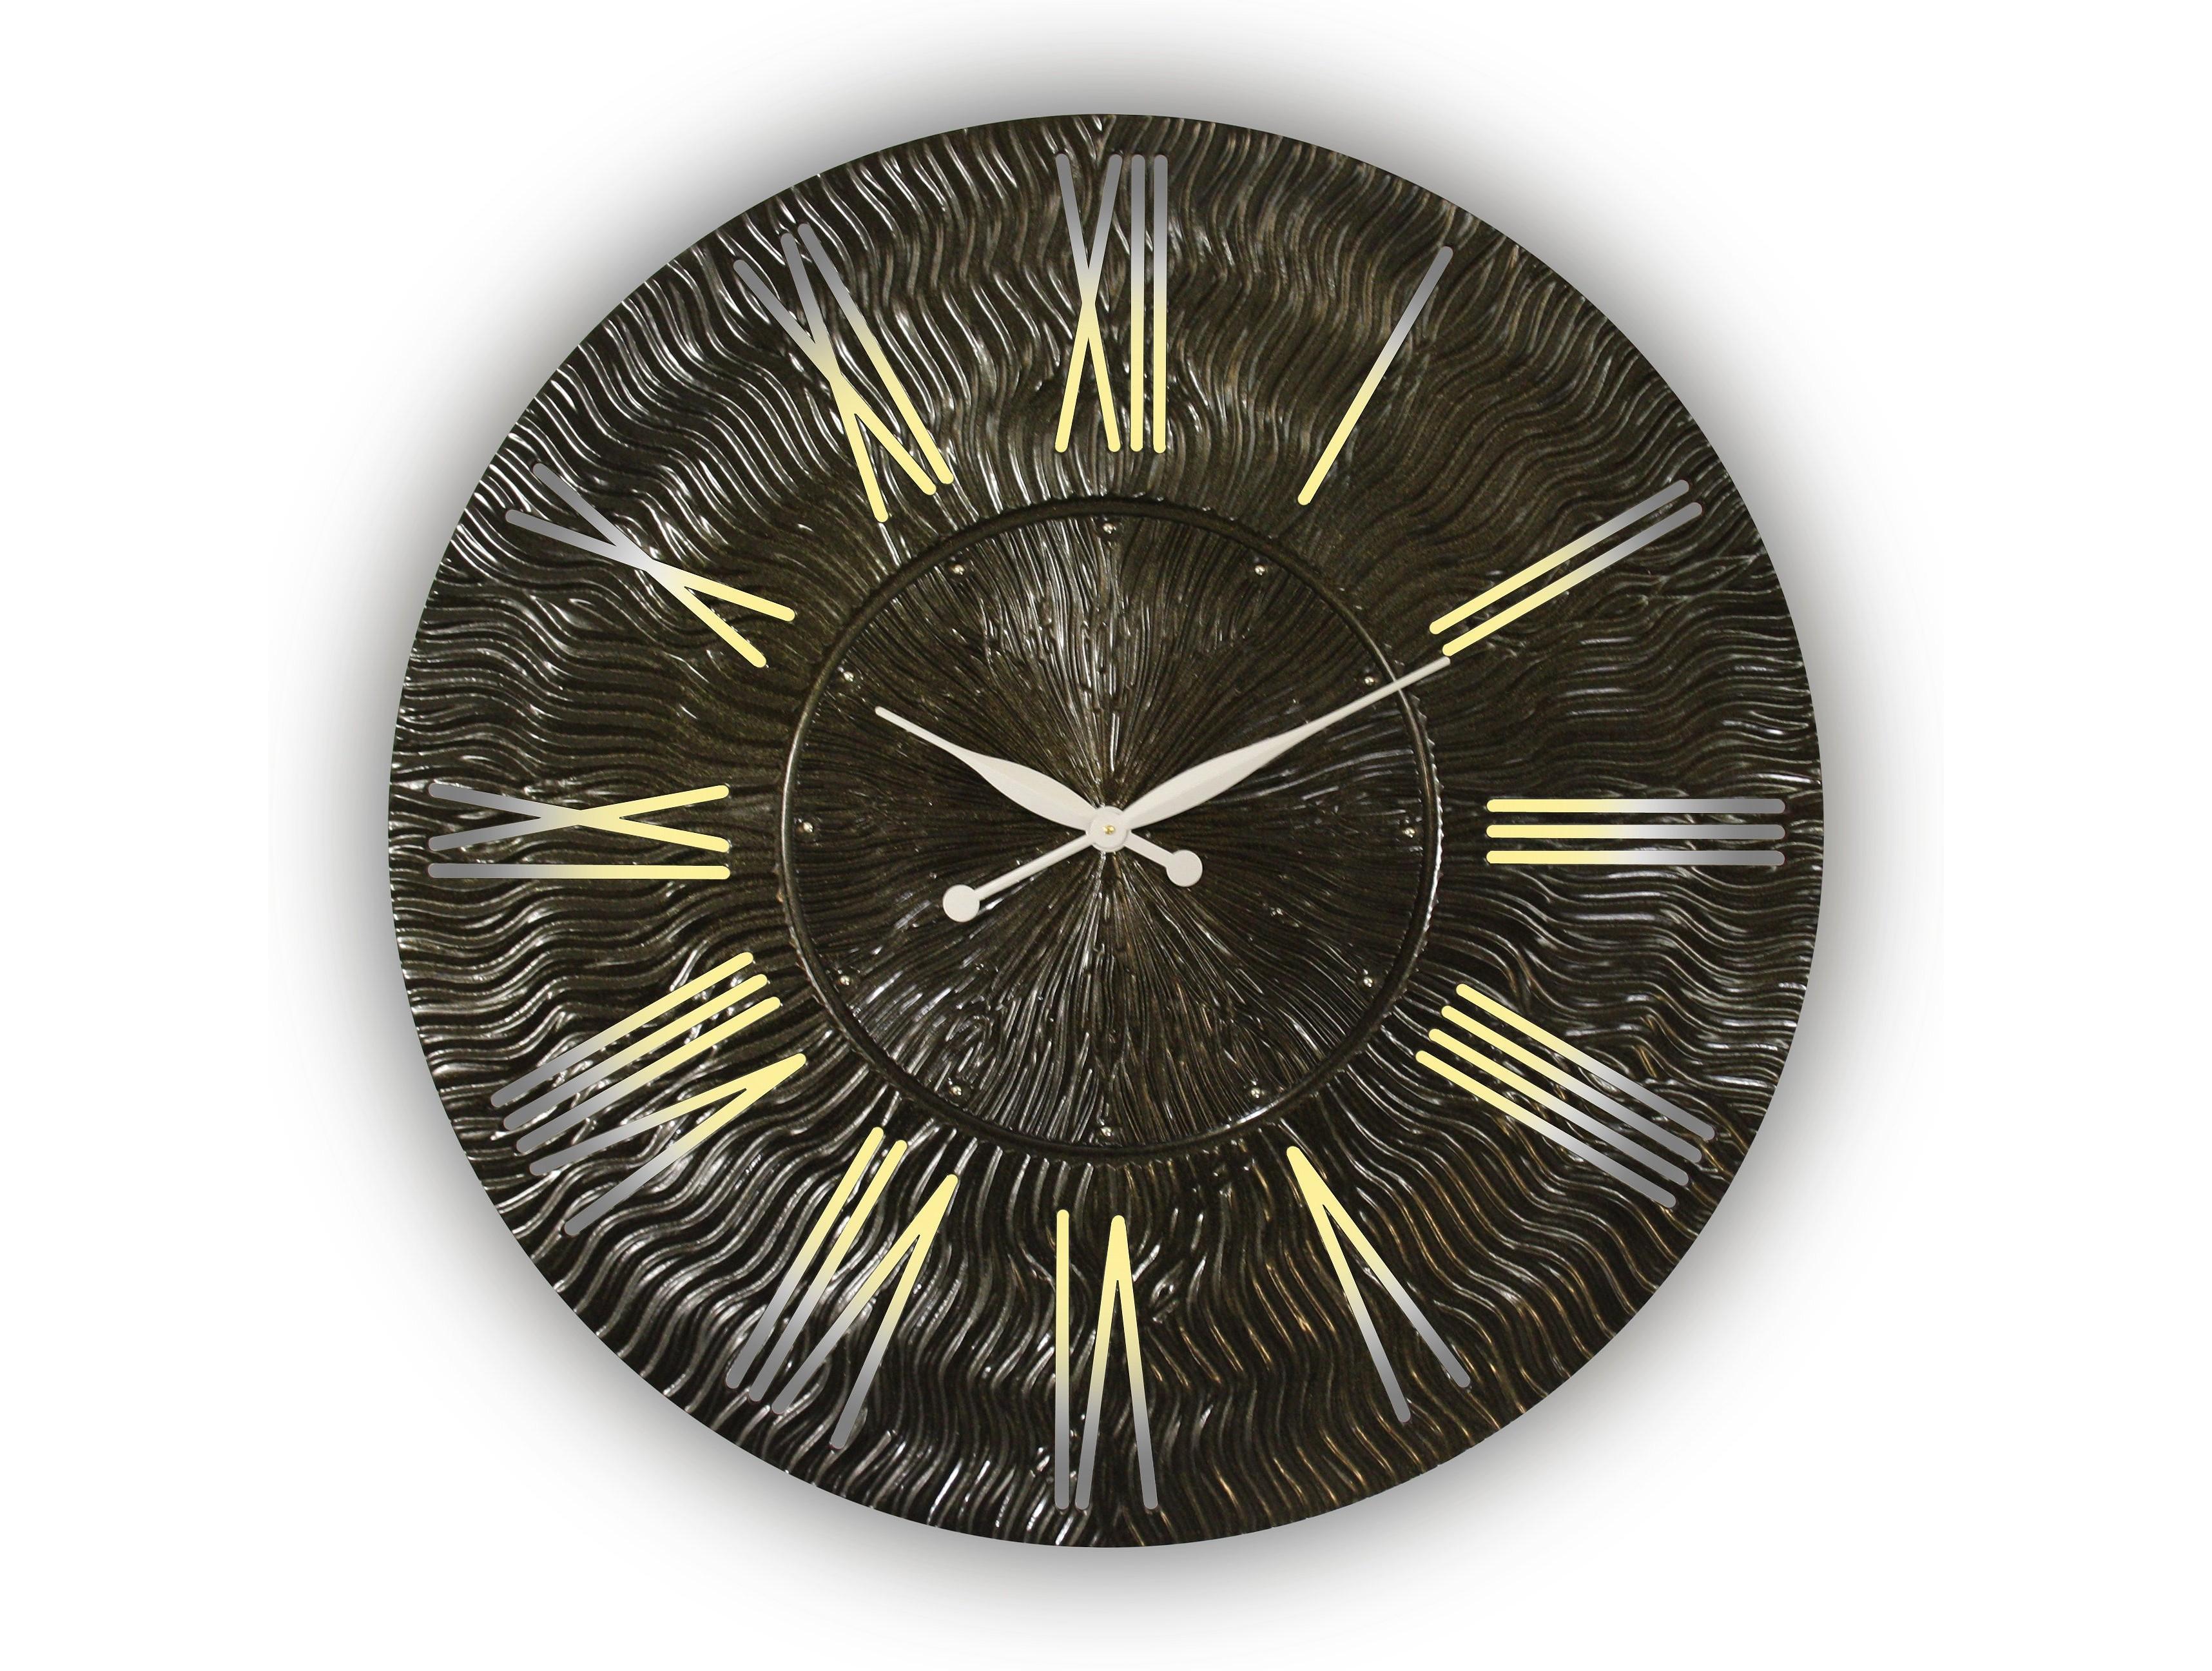 Часы настенные TwinkleНастенные часы<br>&amp;lt;span style=&amp;quot;font-size: 14px;&amp;quot;&amp;gt;Бег времени непрерывен. Можно ли ощутить, как одна минута переходит в другую? Можно ли предсказать, что открывают нам движущиеся по кругу стрелки часов? Светящиеся прорезные силуэты цифр помогают понять, что лучшее еще впереди.&amp;lt;/span&amp;gt;&amp;lt;div style=&amp;quot;font-size: 14px;&amp;quot;&amp;gt;&amp;amp;nbsp;&amp;lt;div&amp;gt;Кварцевый механизм&amp;lt;/div&amp;gt;&amp;lt;div&amp;gt;Часы оснащены встроенной светодиодной подсветкой&amp;lt;/div&amp;gt;&amp;lt;div&amp;gt;Возможны варианты с другими размерами без изменения цены: представлены часы с диаметрами 90, 80, 75 и 65 см.&amp;lt;/div&amp;gt;&amp;lt;/div&amp;gt;<br><br>Material: Дерево<br>Height см: 0.8<br>Diameter см: 90